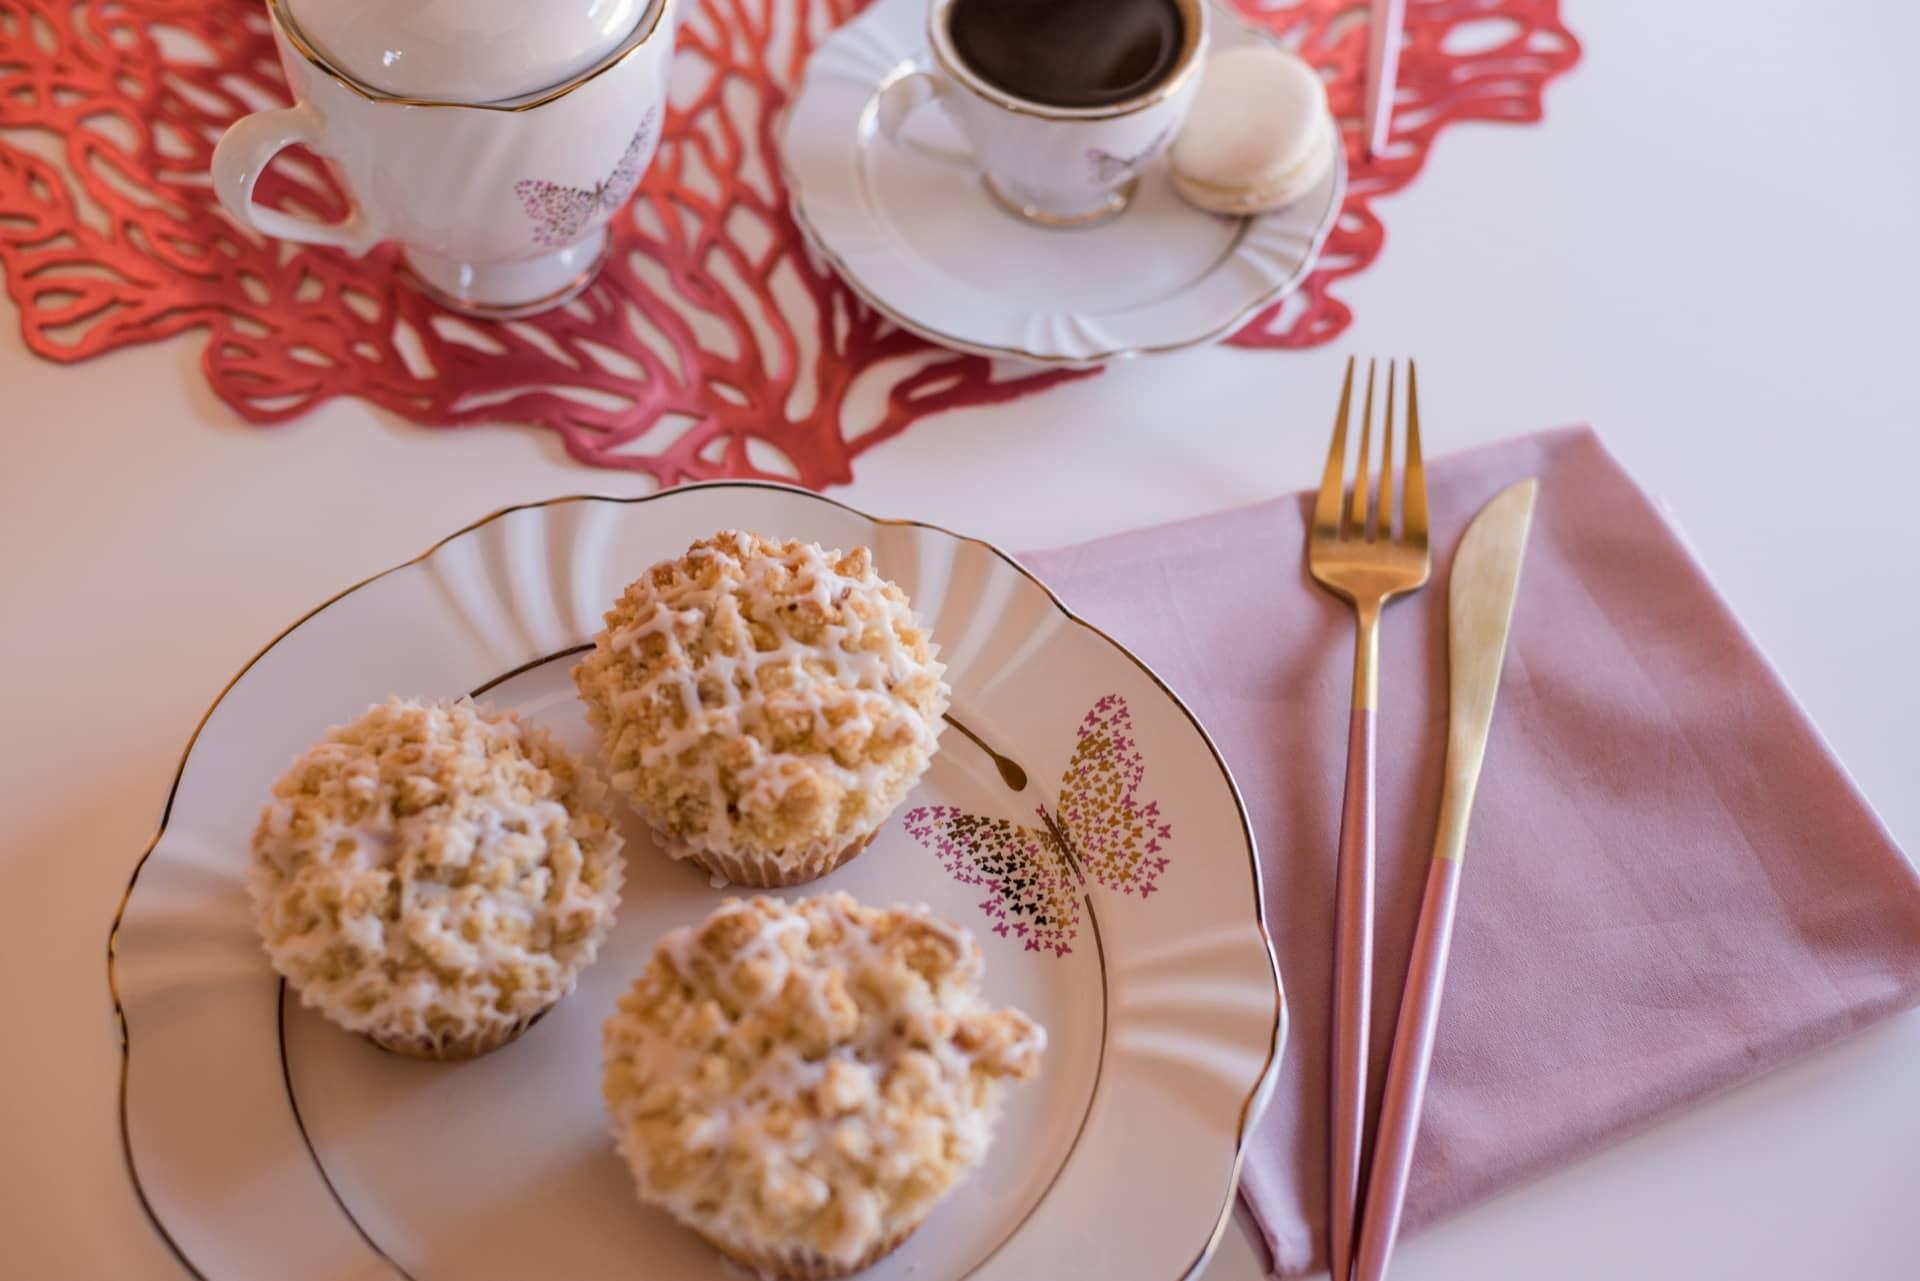 Imagem: A beleza da louça (Soleil Encantada, da Oxford) é realçada pelo guardanapo de tecido rosa, e pelos talheres bicolores, de metal fosco. Os cupcakes são da Manu Rosa Bakery. Foto: Karla Rudnick